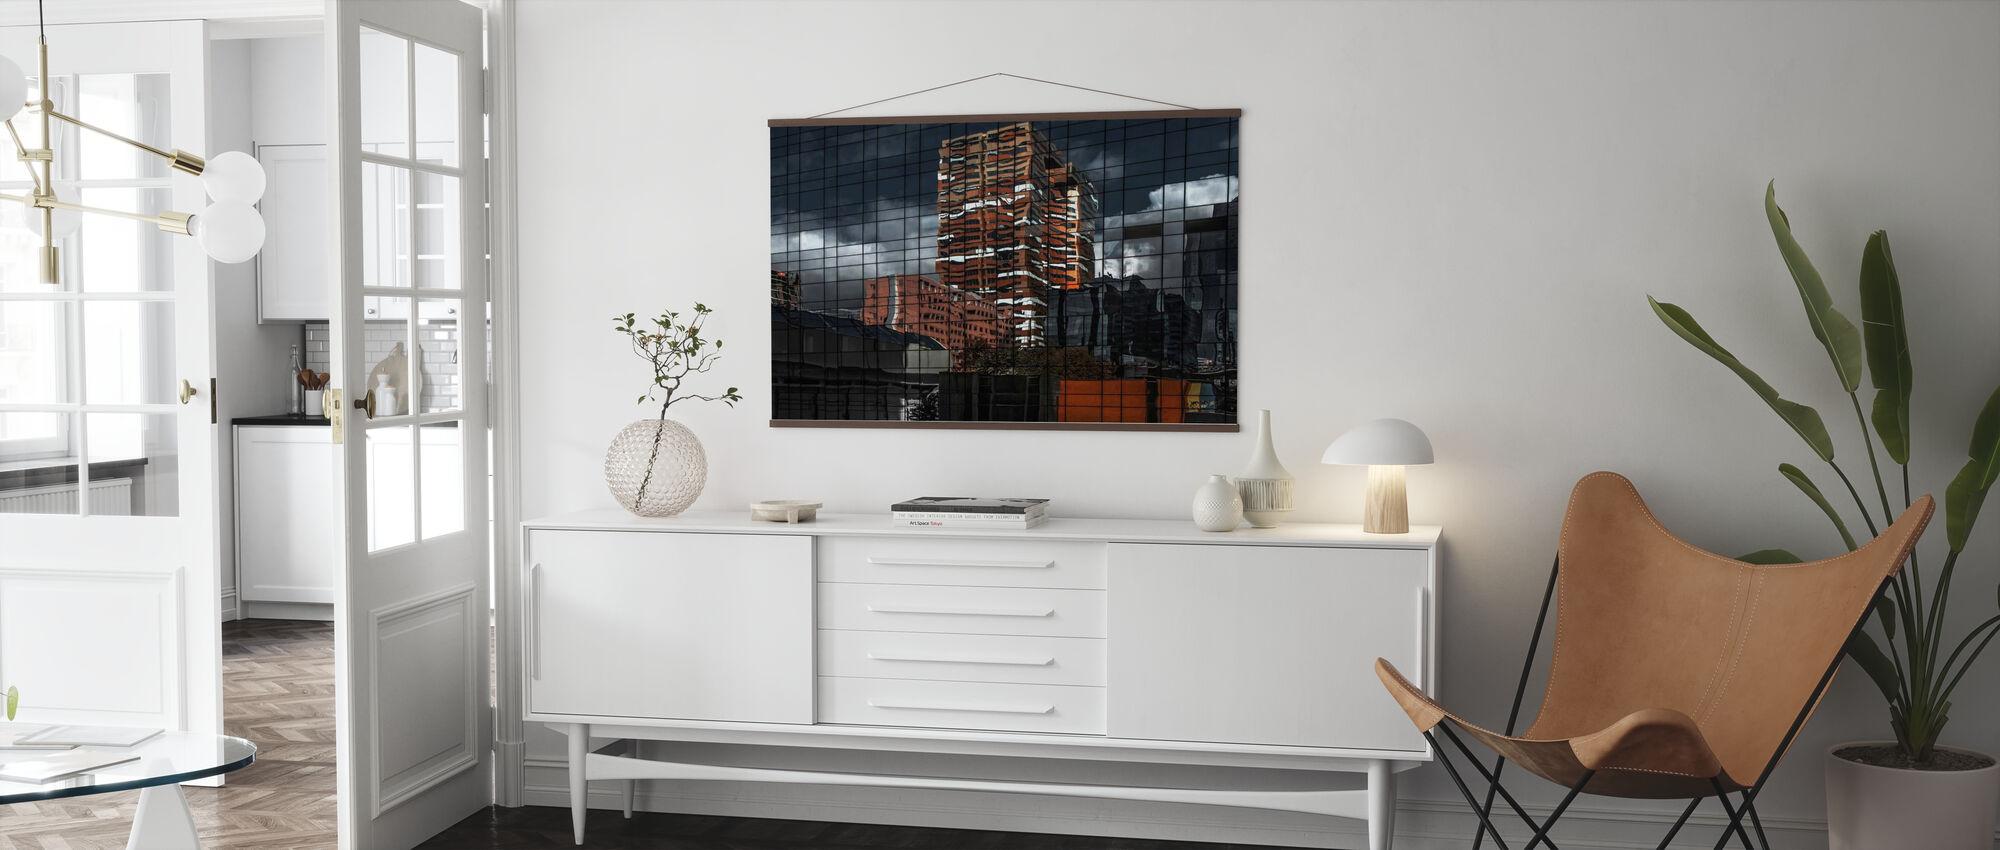 Puzzle-Reflexion - Poster - Wohnzimmer